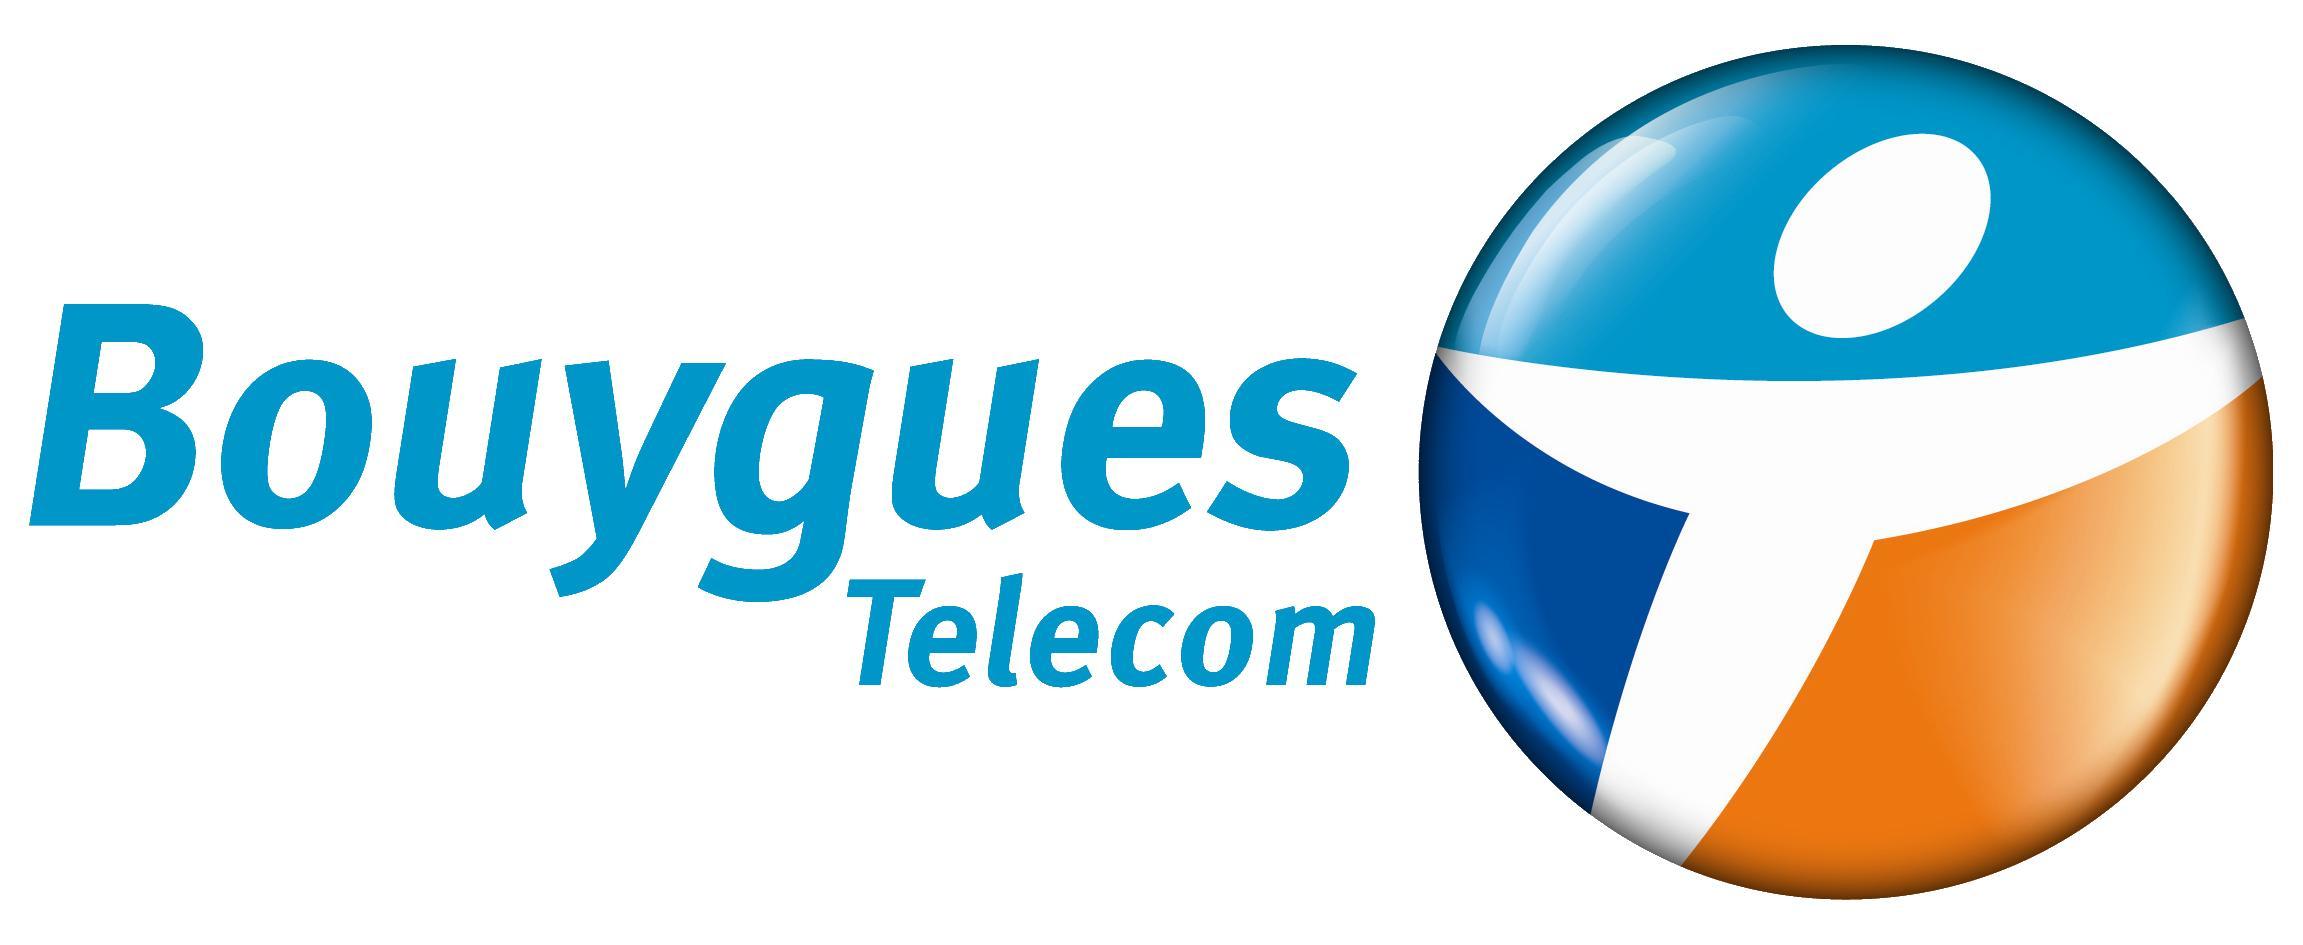 Bouygues Telecom s'affirme sur le premier semestre avec une forte hausse d'abonnés